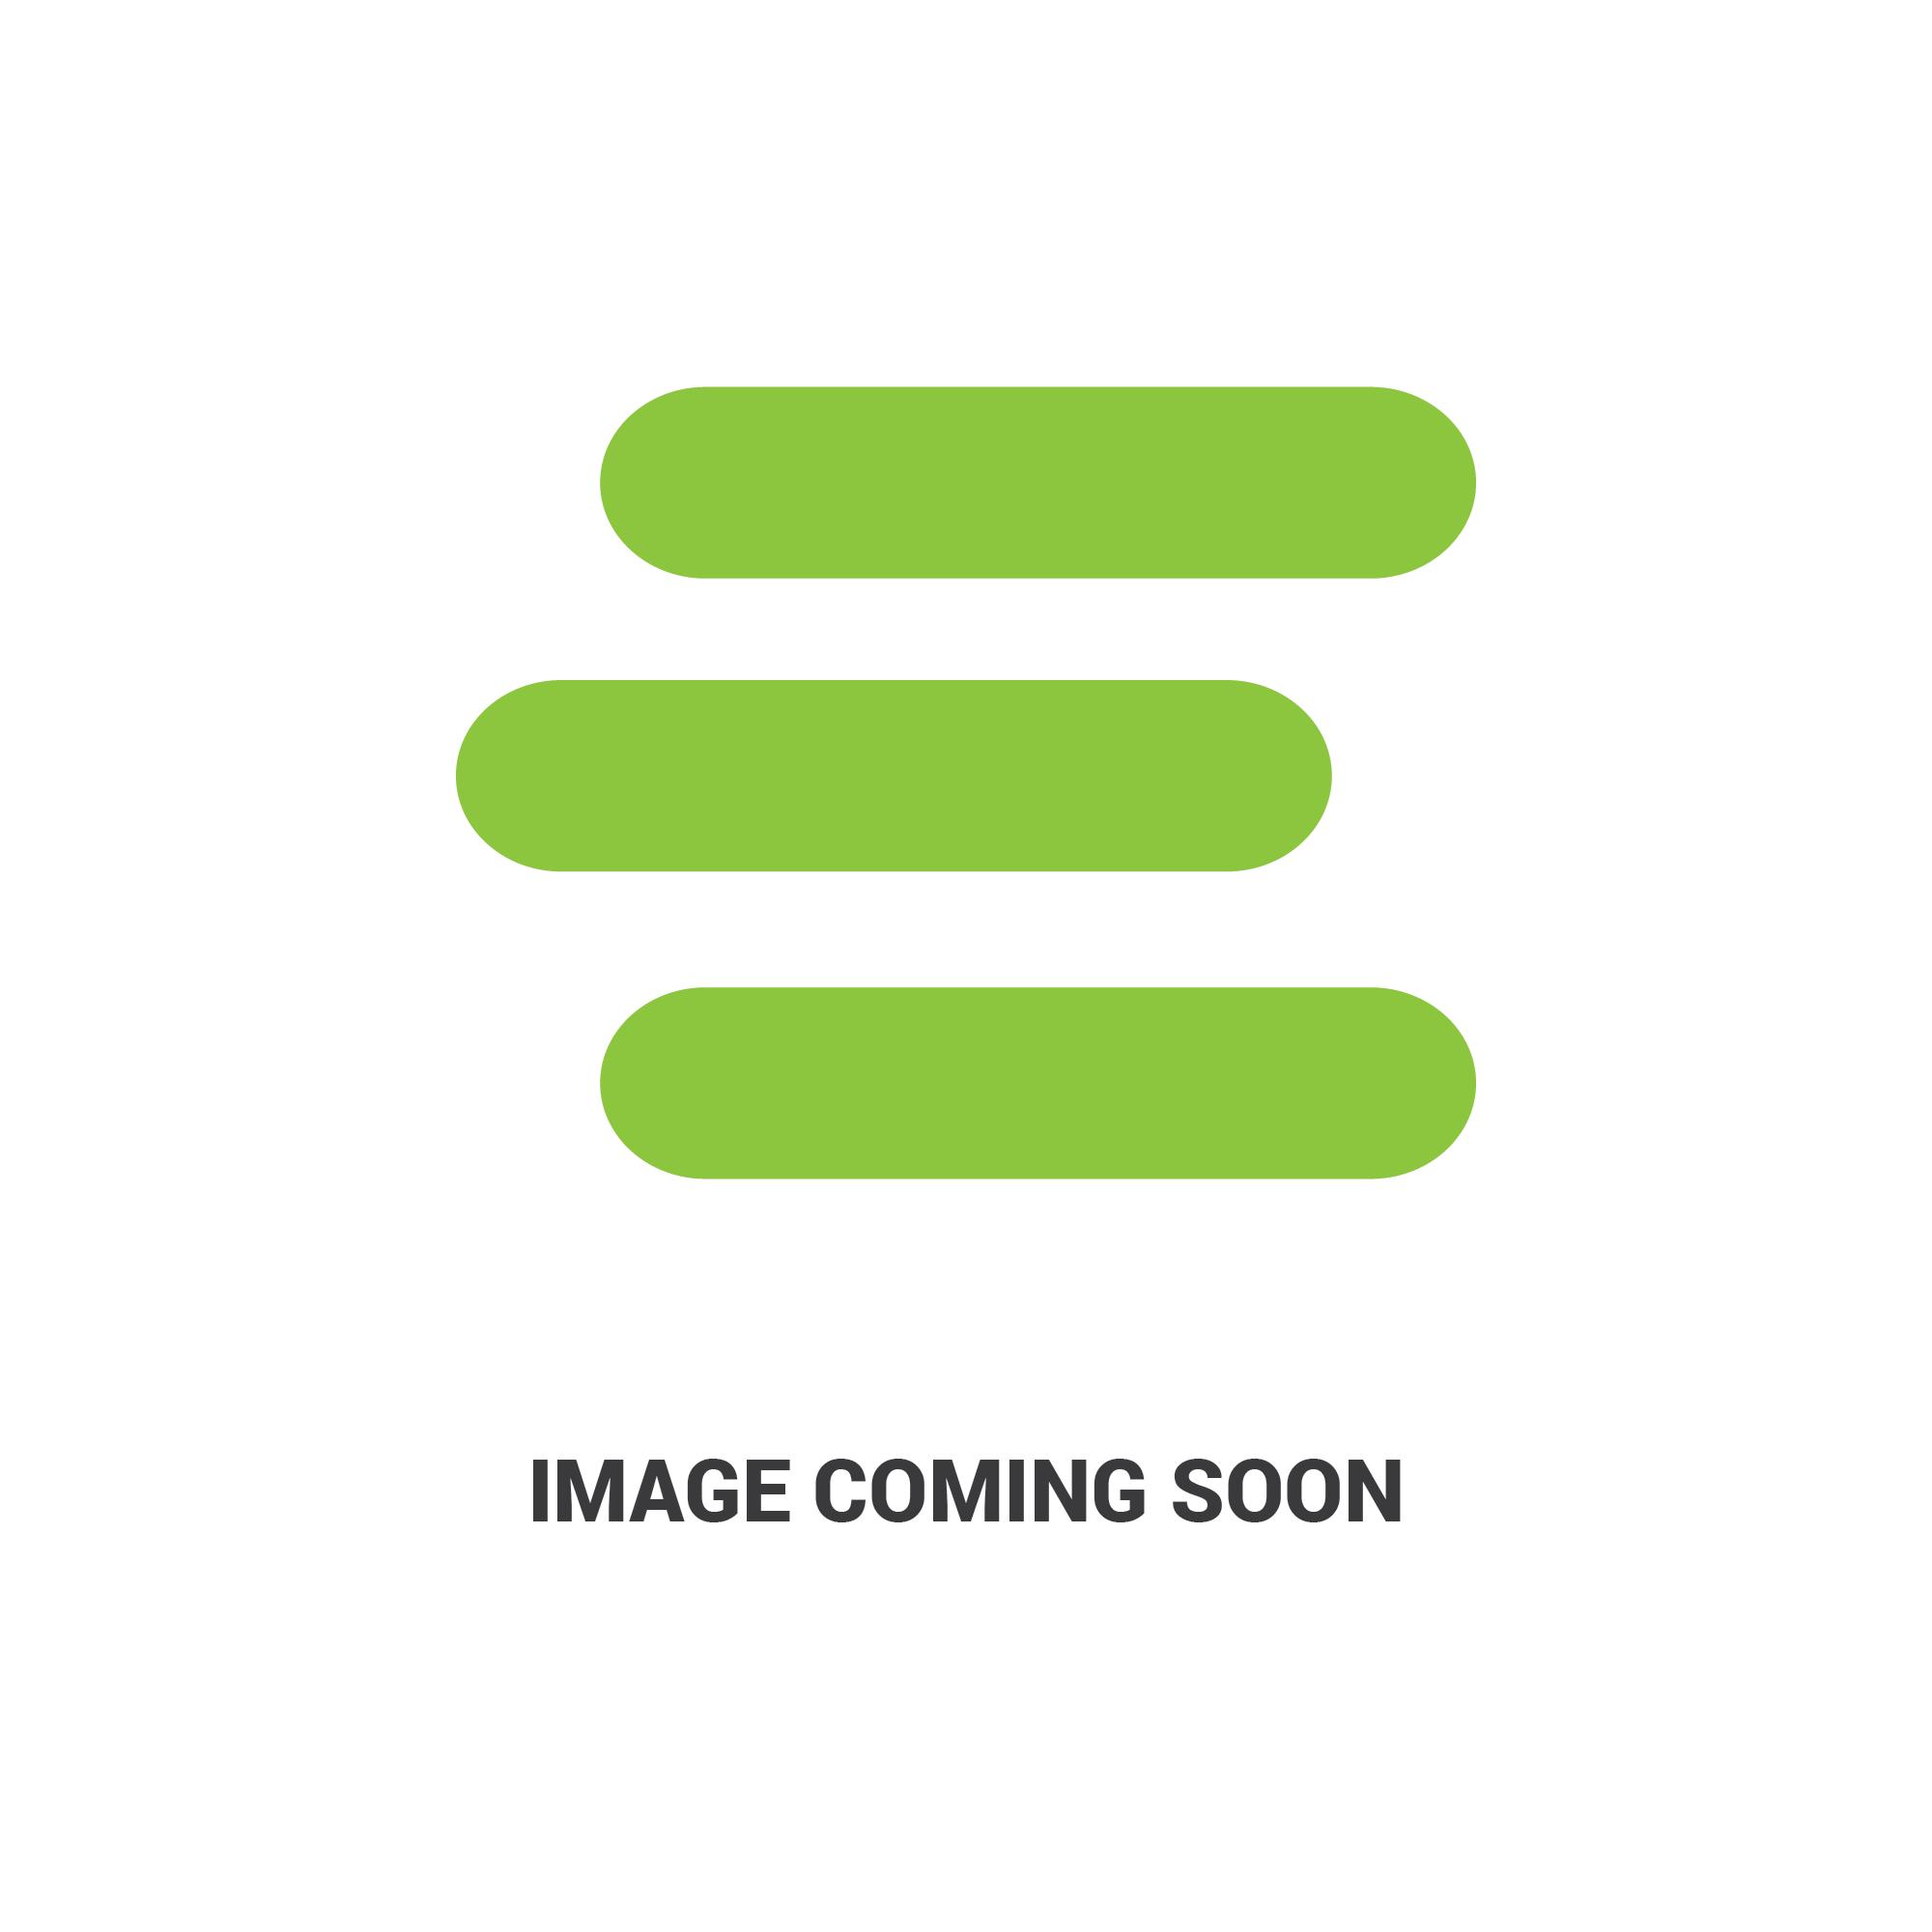 E-6C340-97912edit 254.jpg